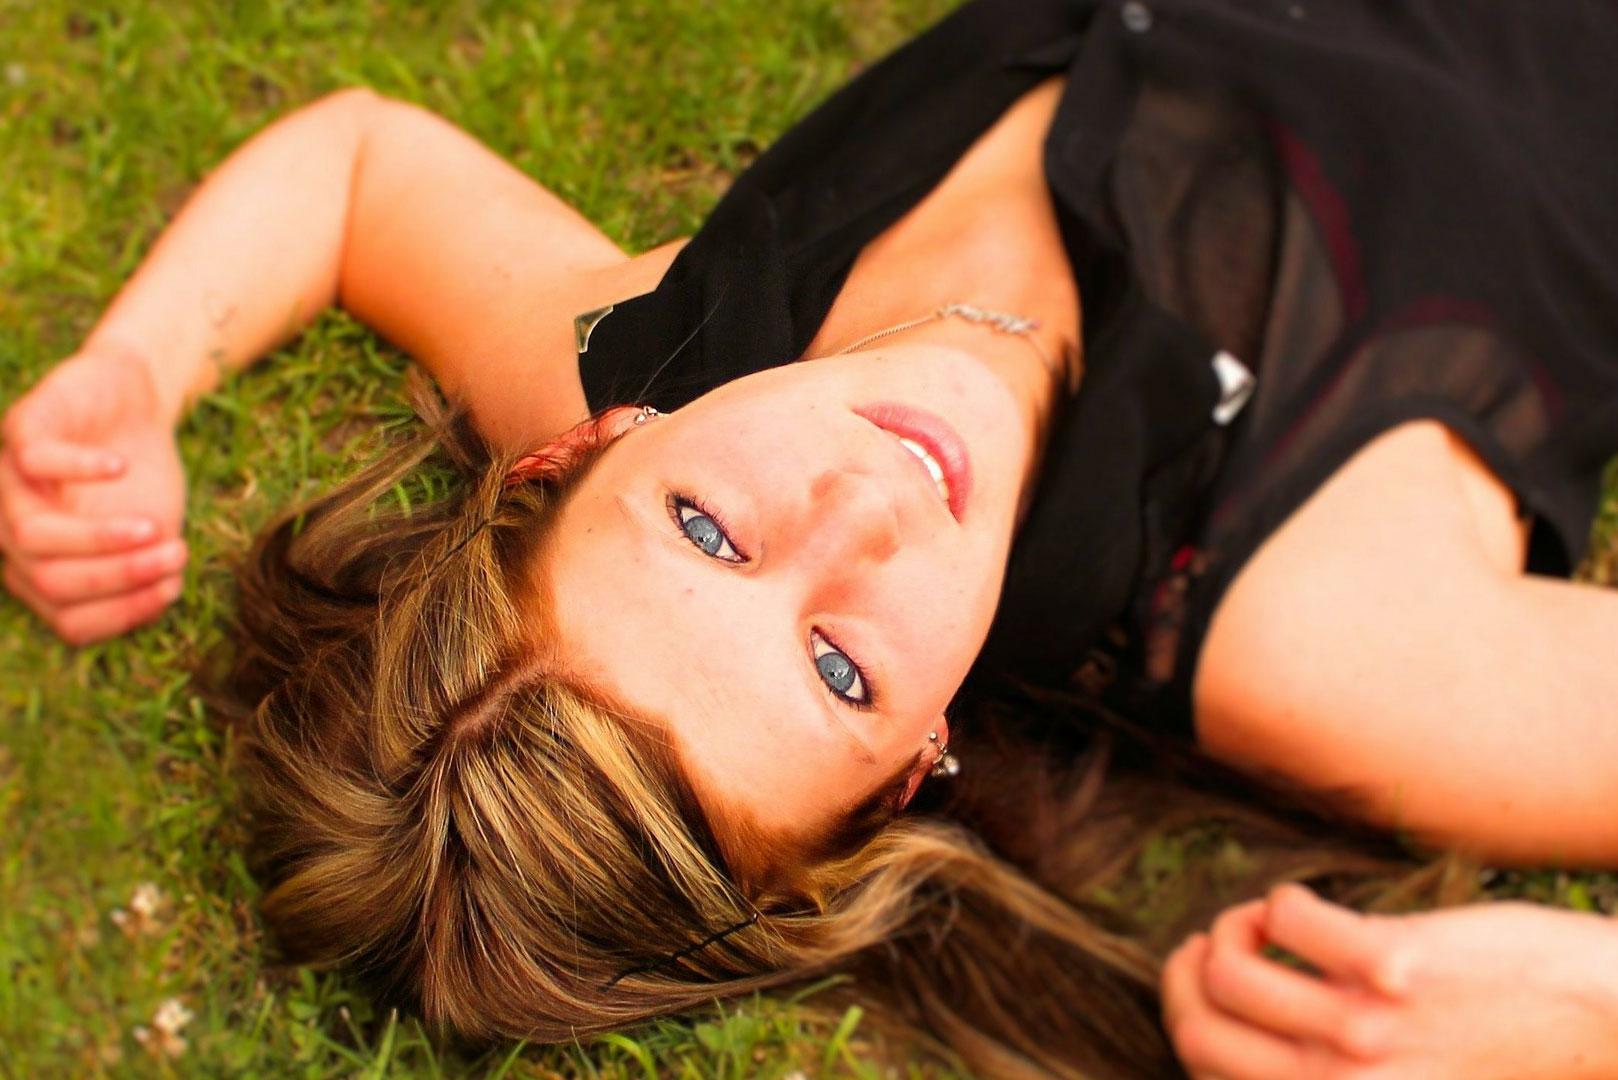 Une femme allongée sur l'herbe